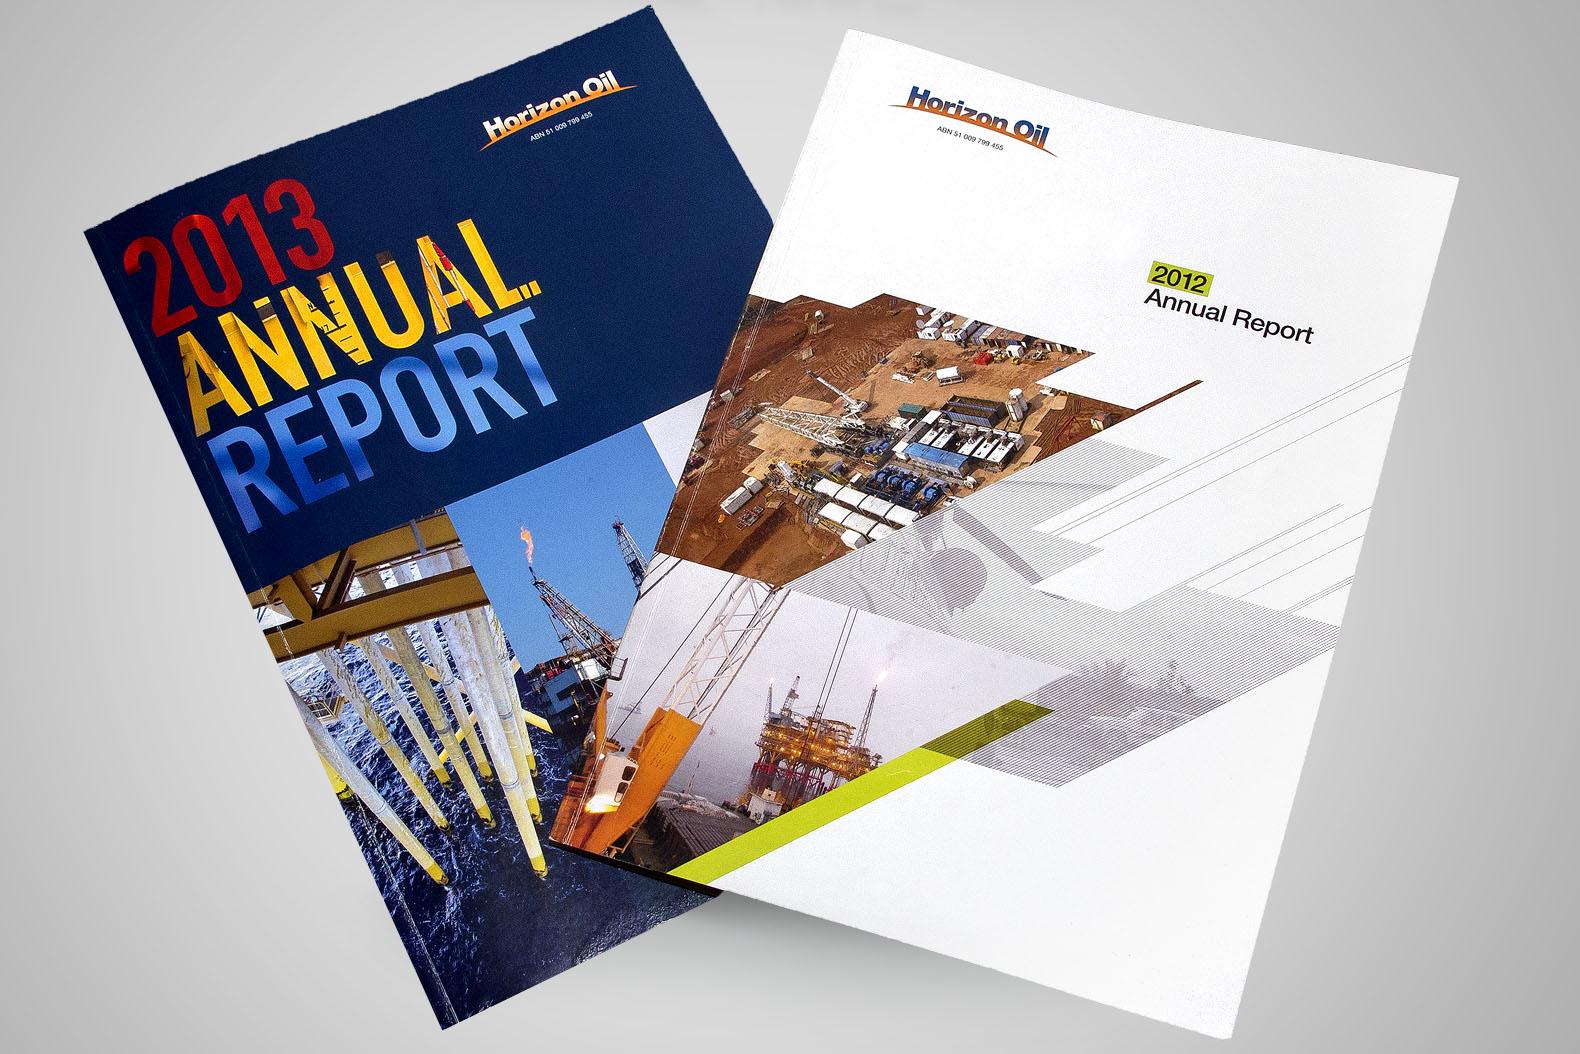 Horizon Oil 2010/13 Annual Reports